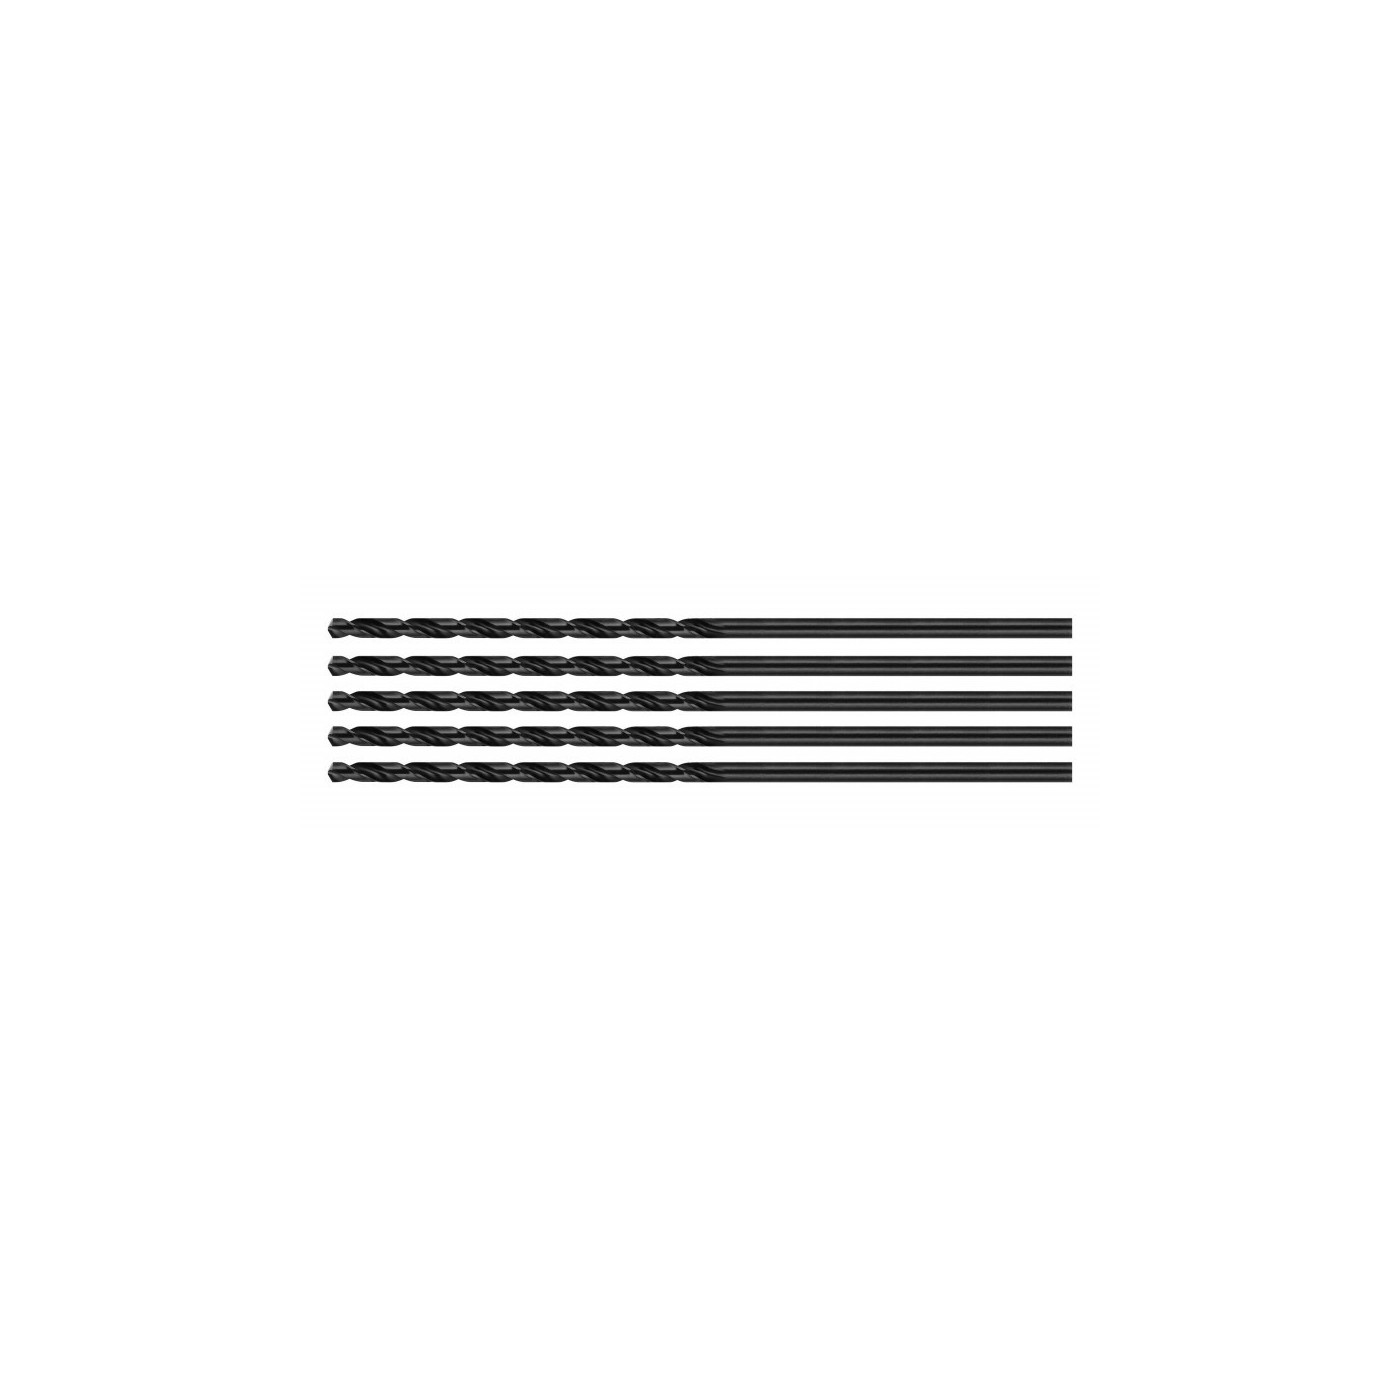 Set van 5 metaalboren (HSS, 4,7x85 mm)